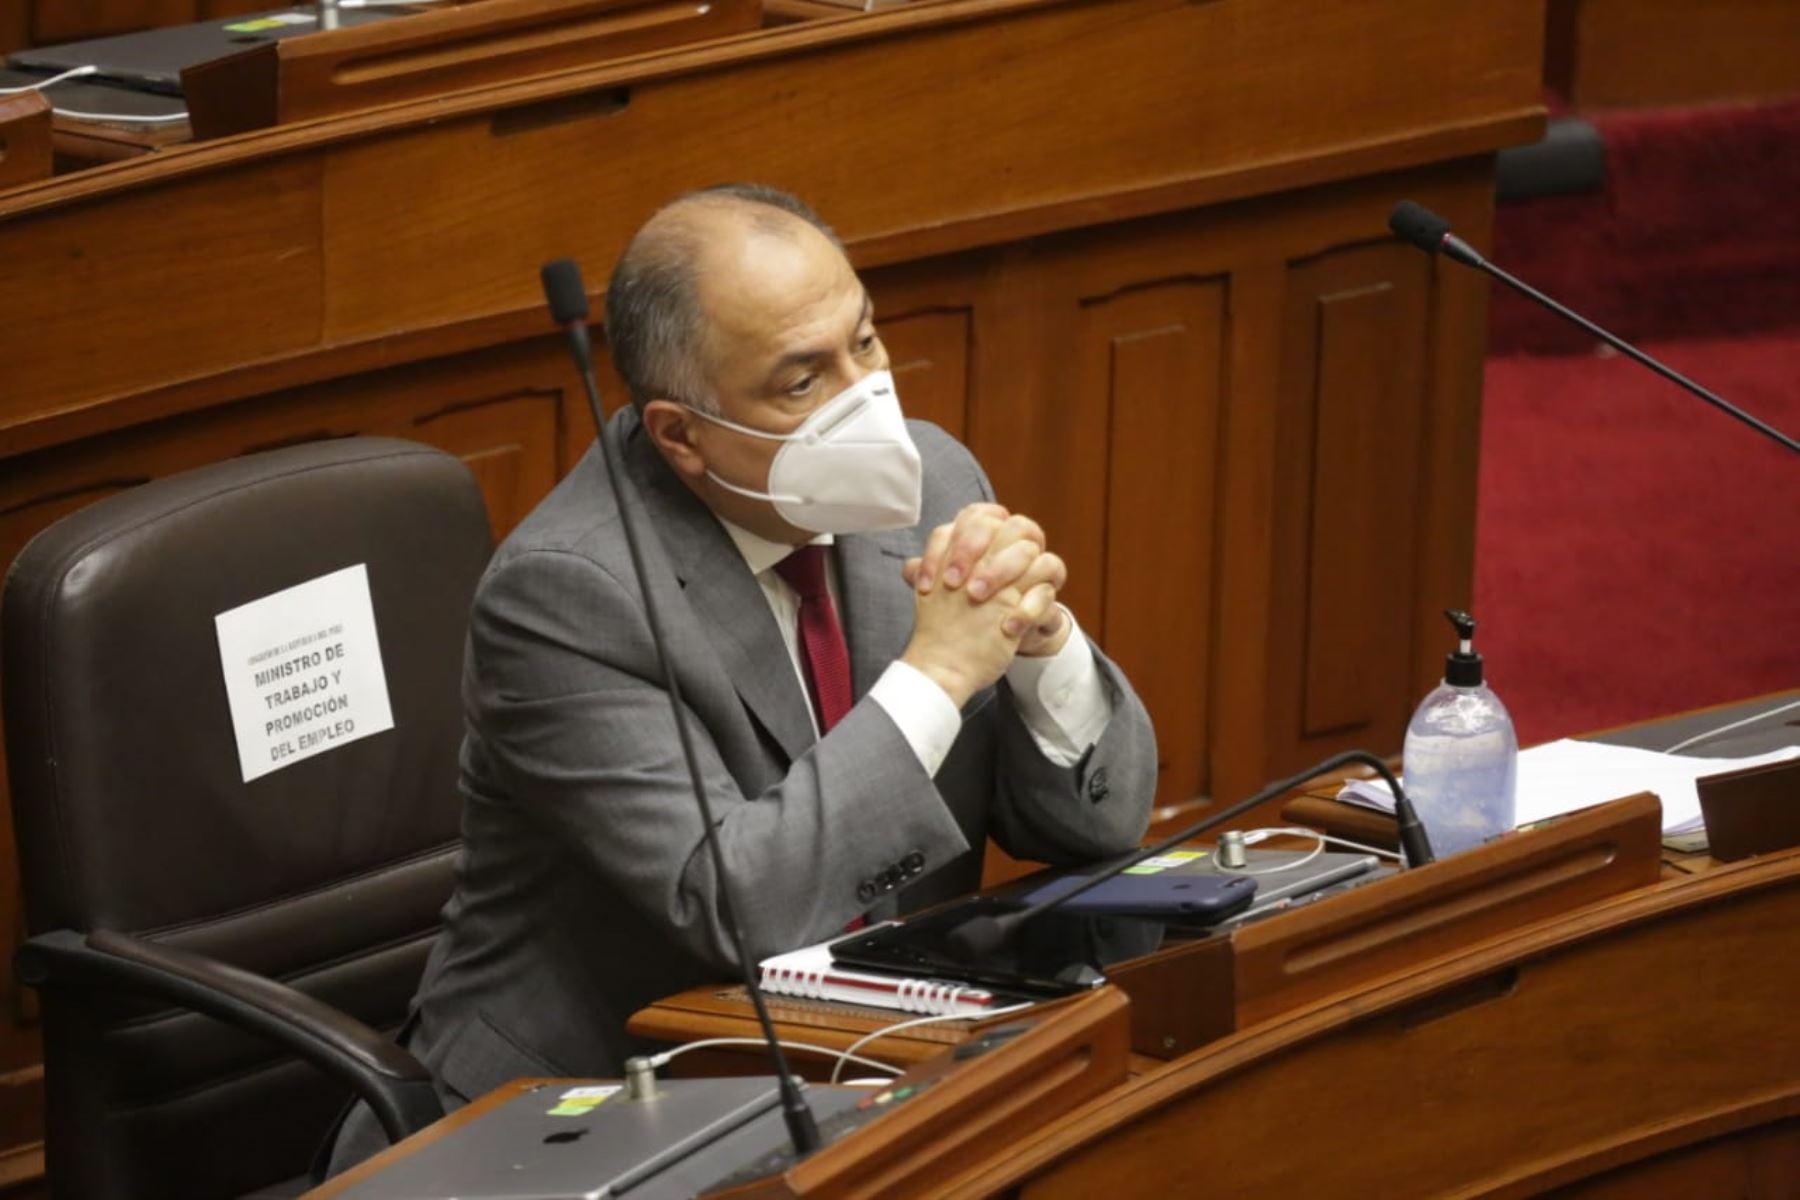 Ministro de Trabajo y Promoción de Empleo, Javier Palacios Gallegos, se presenta ante Congreso junto a gabinete ministerial para solicitar voto de confianza. Foto: ANDINA/PCM